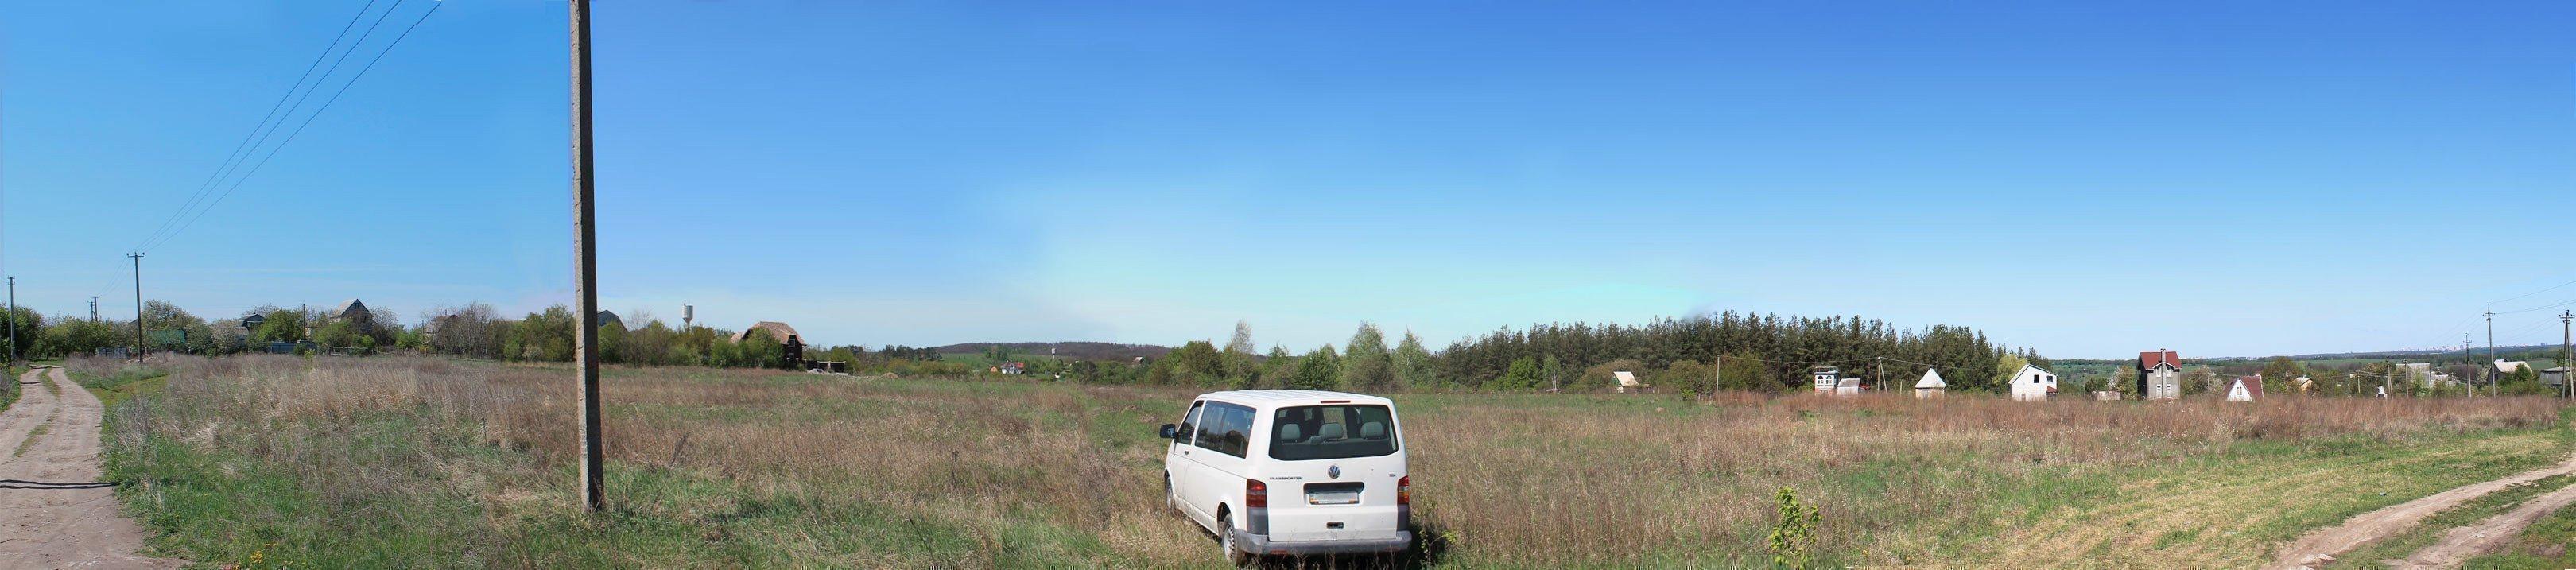 Фото: Продам земельный участок в городе Ходосовка. Объявление № 4877